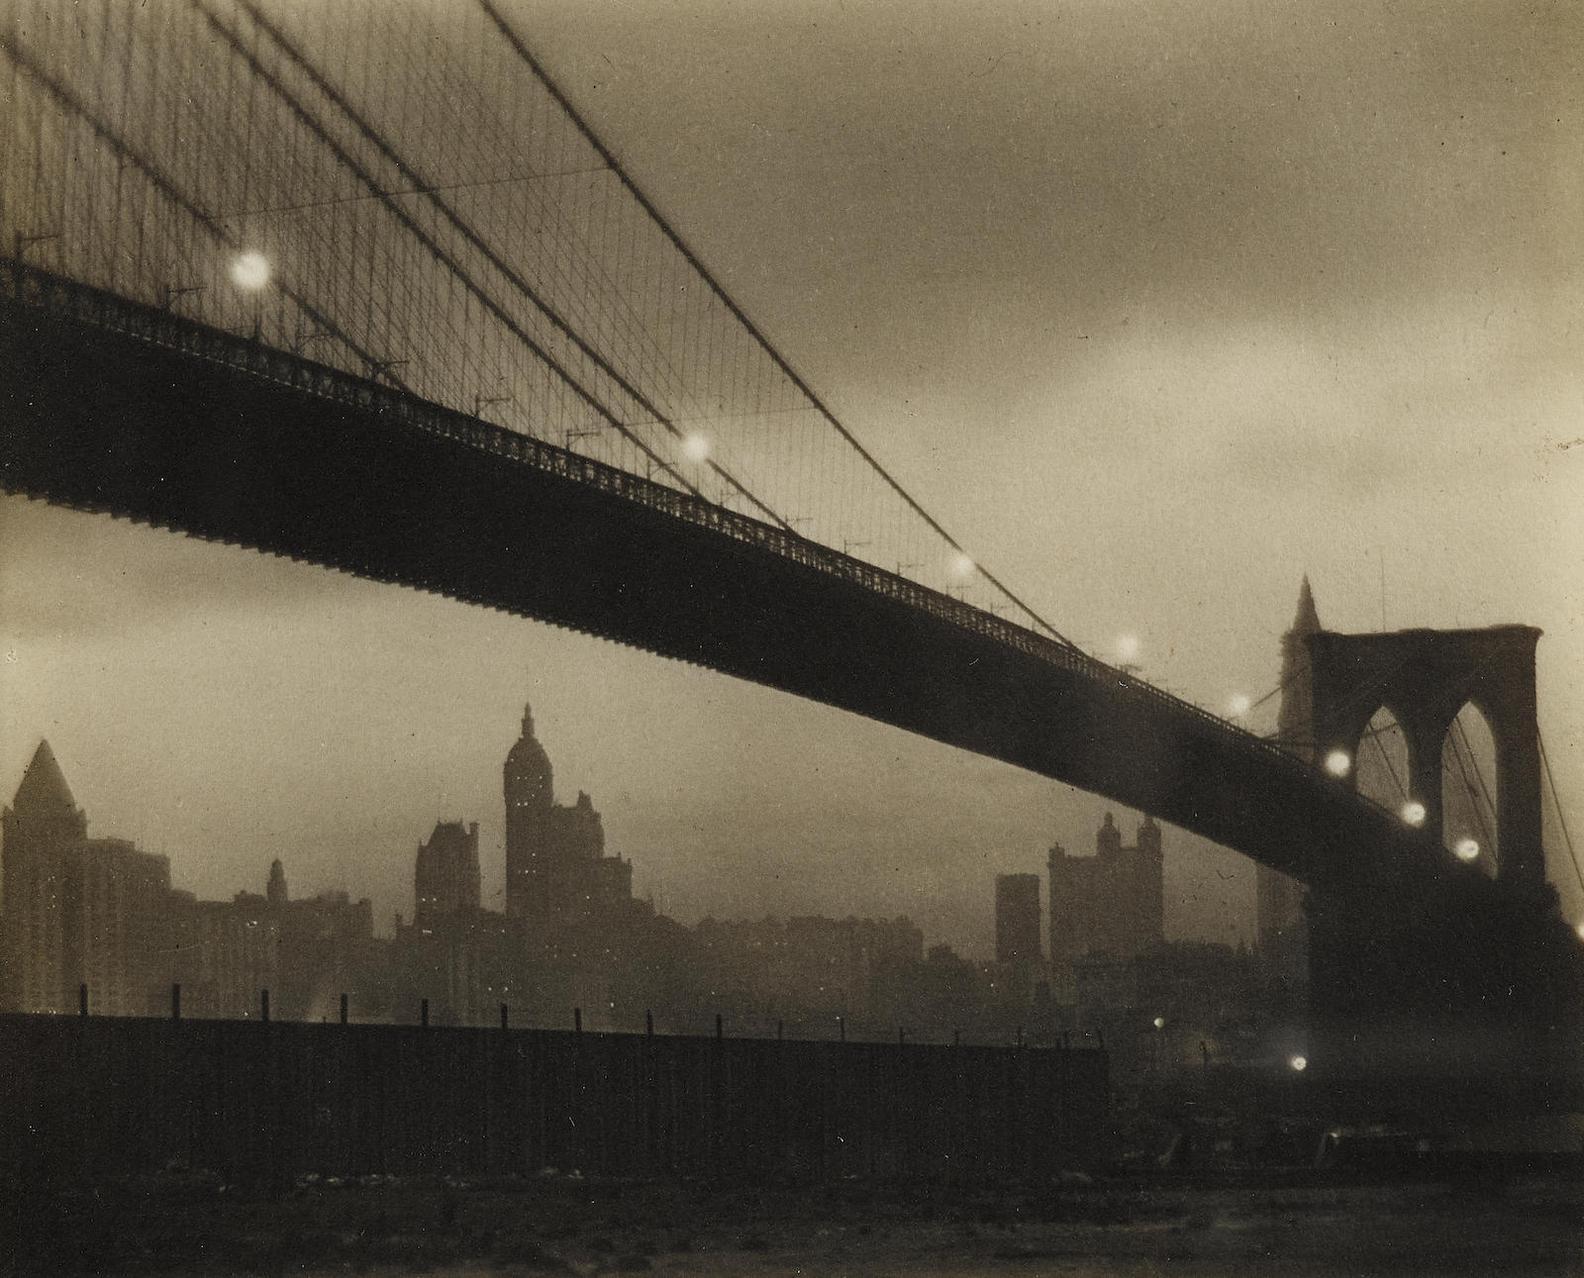 Karl Struss-Karl Struss: A Portfolio 1909-1929-